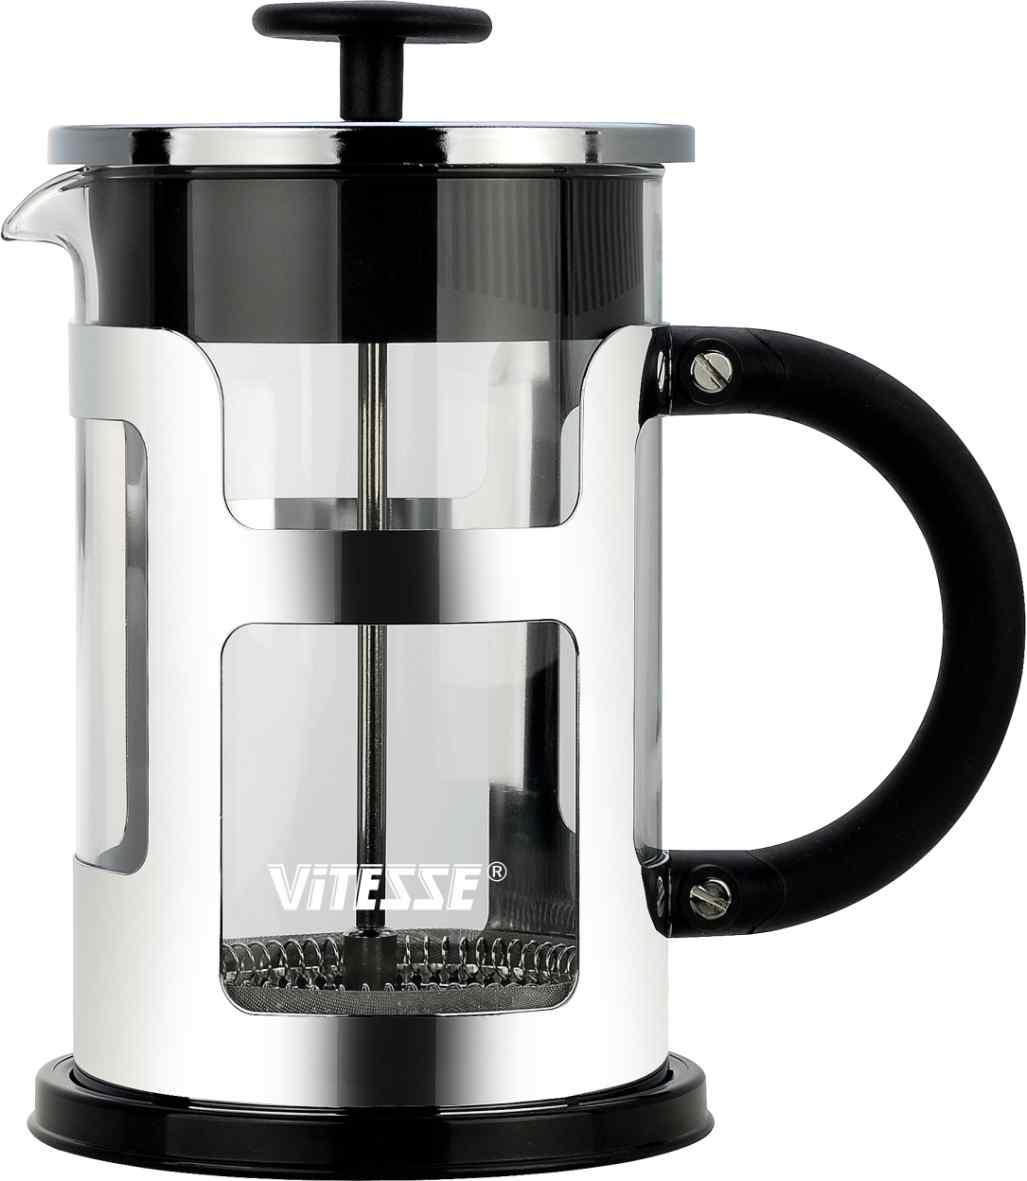 Френч-пресс Vitesse, 800 мл. VS-2612VT-1520(SR)Френч-пресс Vitesse предназначен для приготовления кофе методом настаивания и отжима, а также для заваривания чая и различных трав. Центральный элемент френч-прессов - плунжер - представляет собой фильтр с ручкой, позволяющий эффективно отделять сырье от напитка при отжиме. Корпус, фильтр и крышка выполнены из высококачественной нержавеющей стали с зеркальной полировкой, колба изготовлена из термостойкого стекла. Эргономичная прорезиненная ручка обеспечивает надежный хват и комфорт во время использования. Устойчивое пластиковое основание обладает термоизоляционными свойствами, поэтому вы можете не бояться, что ваш стол может быть поврежден от высоких температур. Специальная сеточка-фильтр эффективно задерживает чаинки и кофейный осадок. В комплекте пластиковая мерная ложка. Можно мыть в посудомоечной машине. Объем: 800 мл. Диаметр (по верхнему краю): 9,5 см. Высота френч-пресса: 19 см. Длина ложечки: 10 см. Диаметр основания: 11 см.